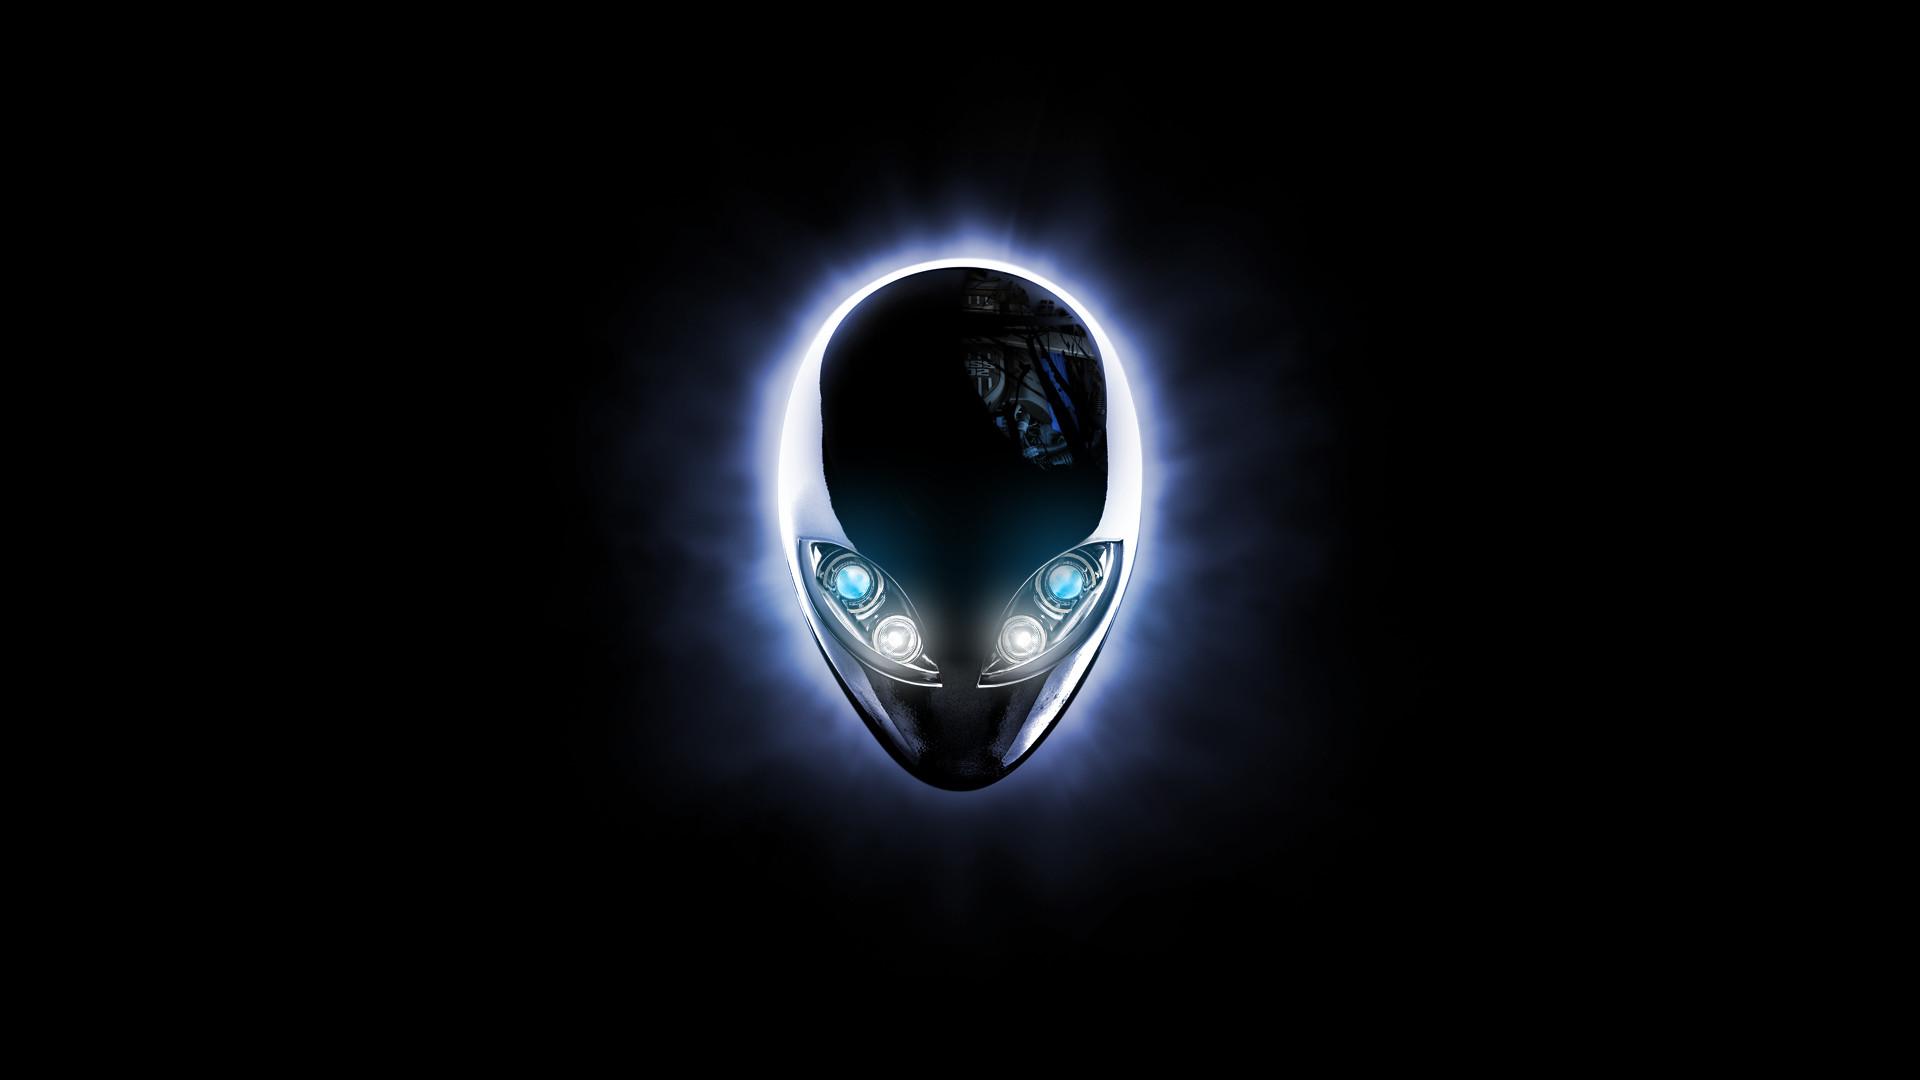 Alienware HD Wallpapers · Alienware HD